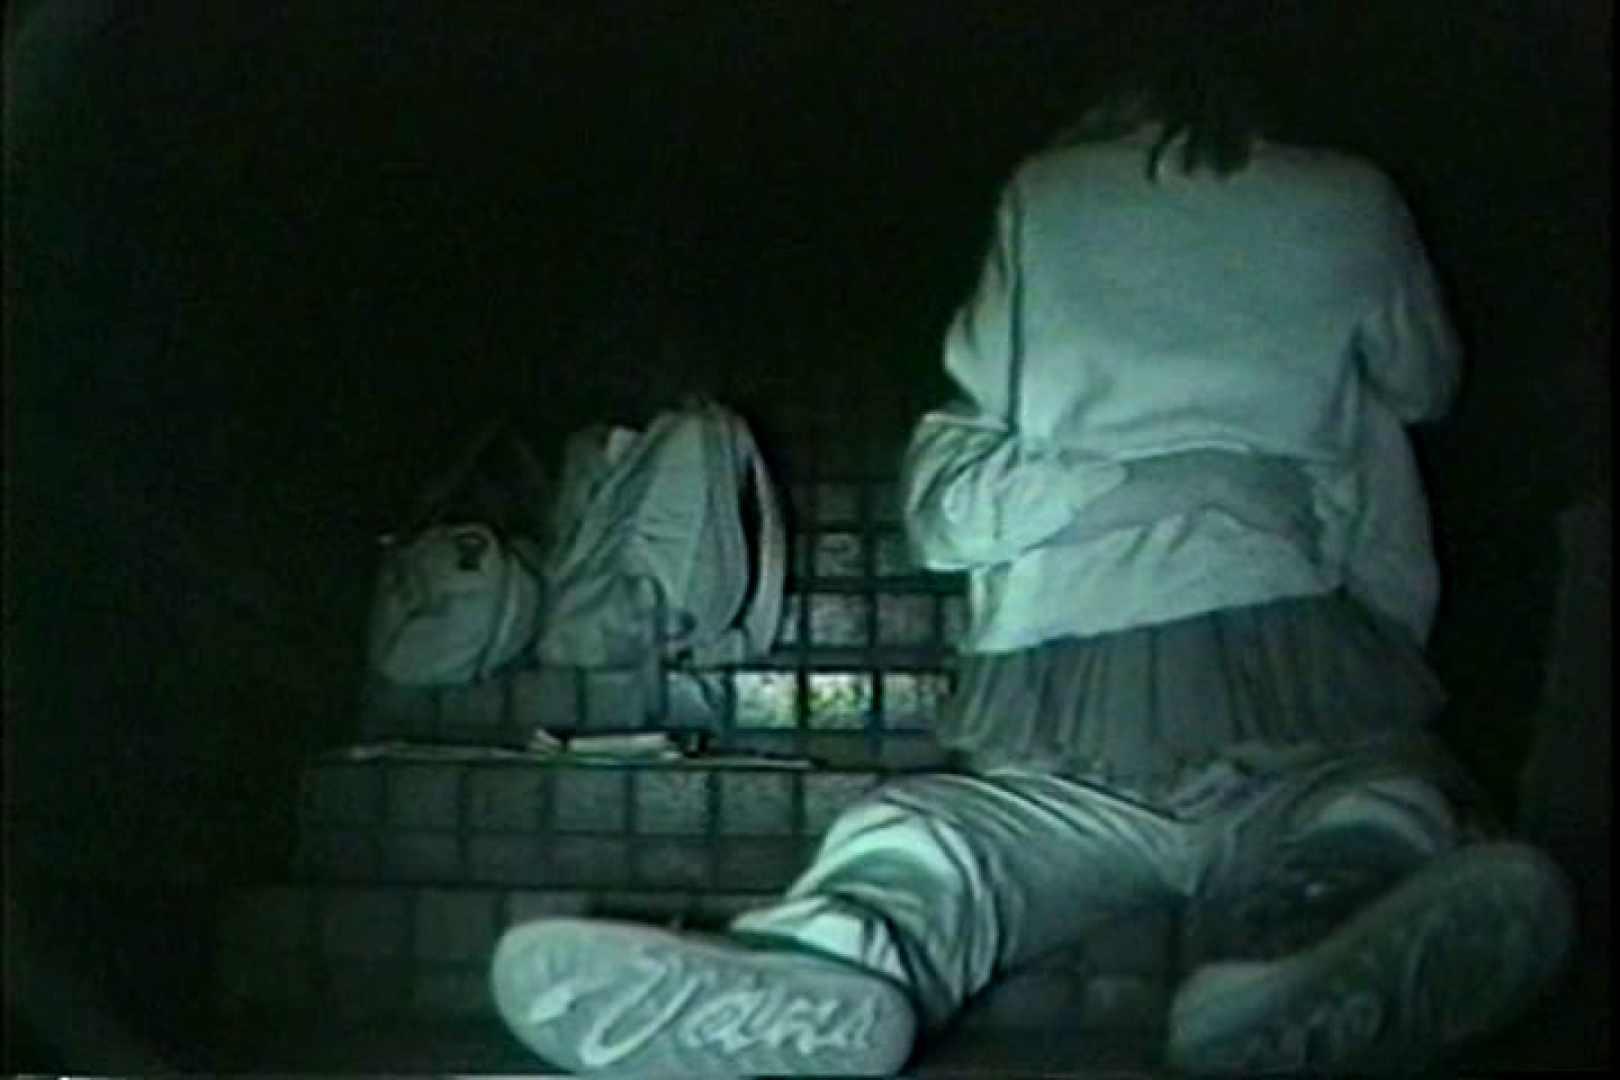 闇の仕掛け人 無修正版 Vol.17 セックス オマンコ動画キャプチャ 102pic 63